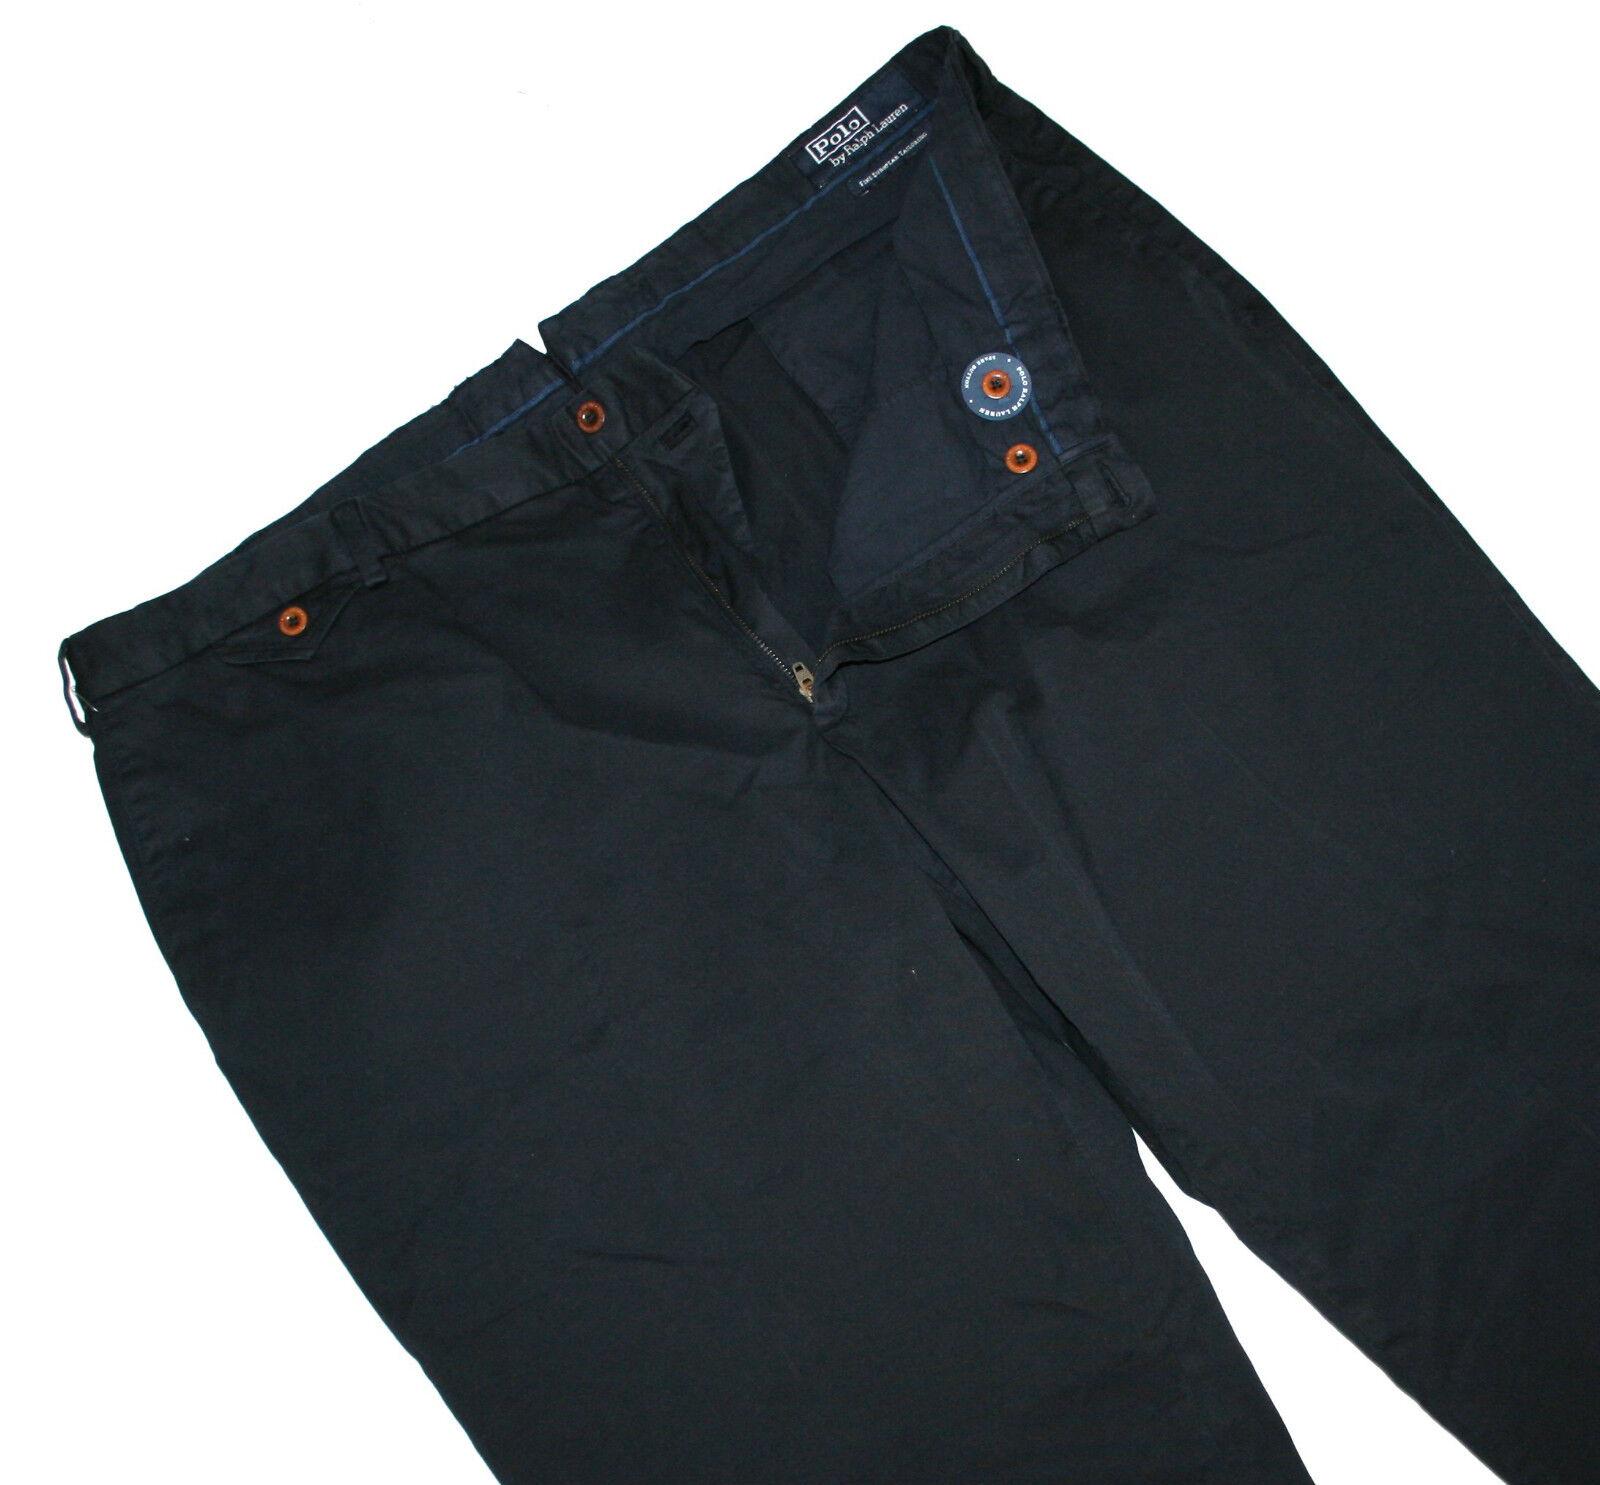 Polo Ralph Lauren B&T Core Pant Stretch Chino Hose W42 L34 & W44 L34